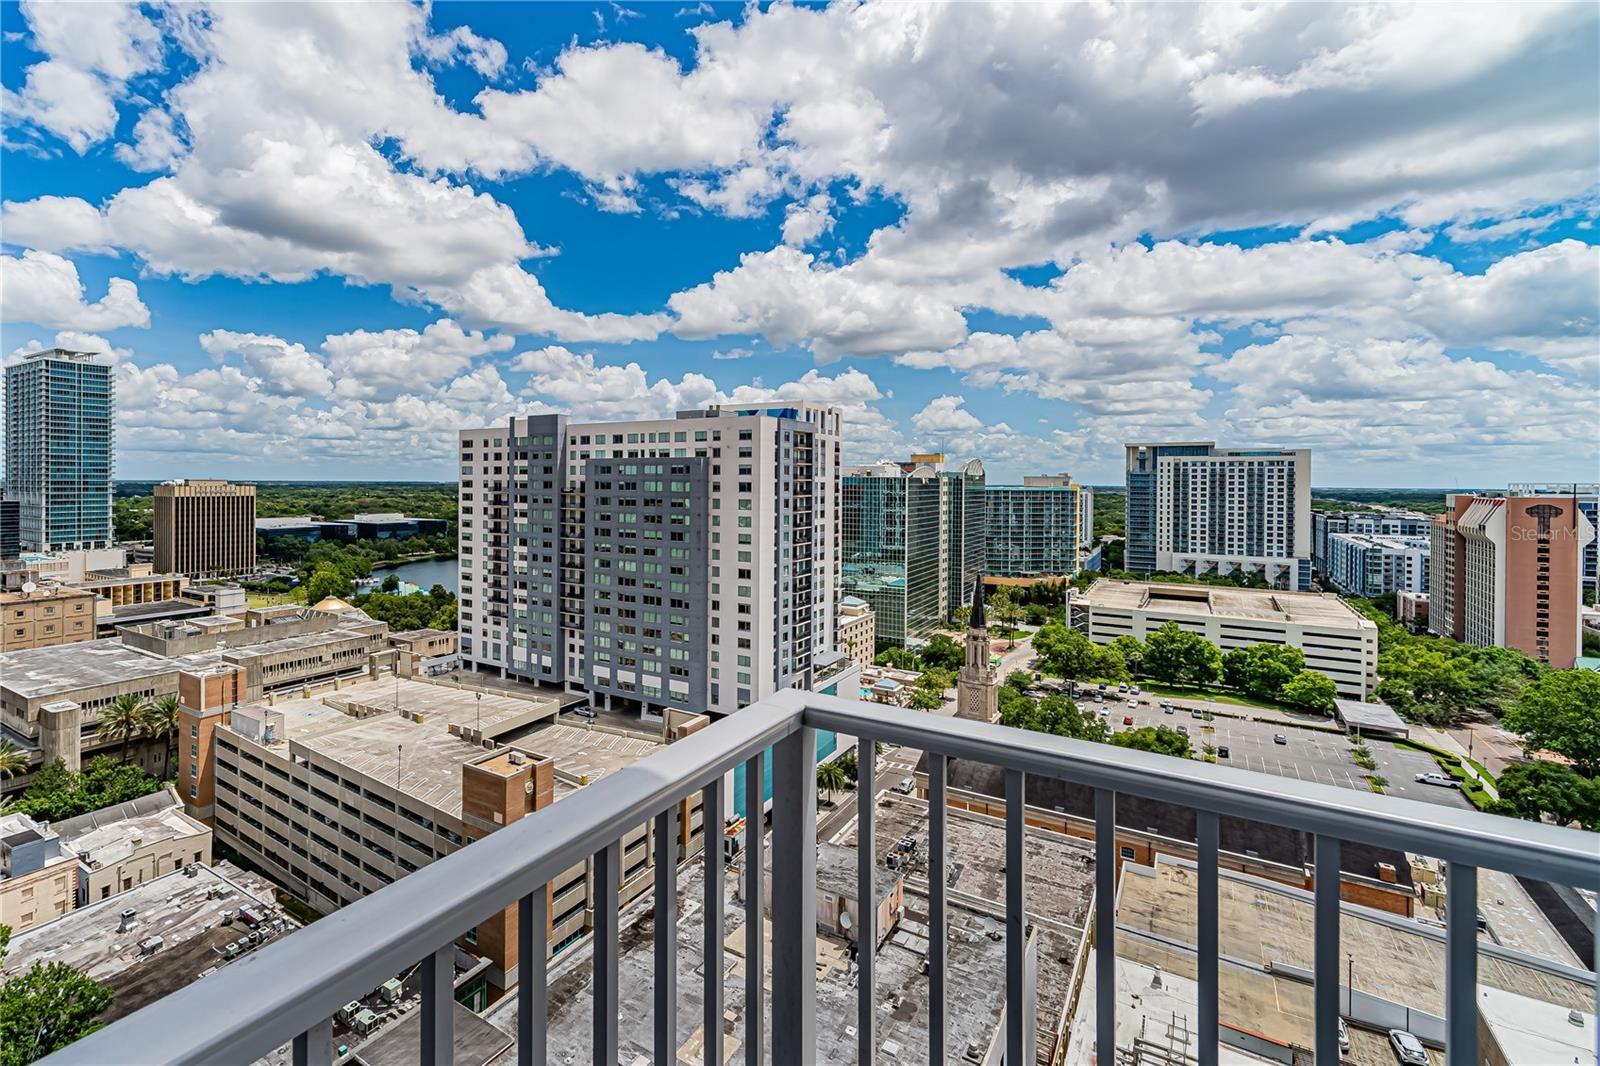 155 S COURT AVENUE #1611, Orlando, FL 32801 - #: O5942396